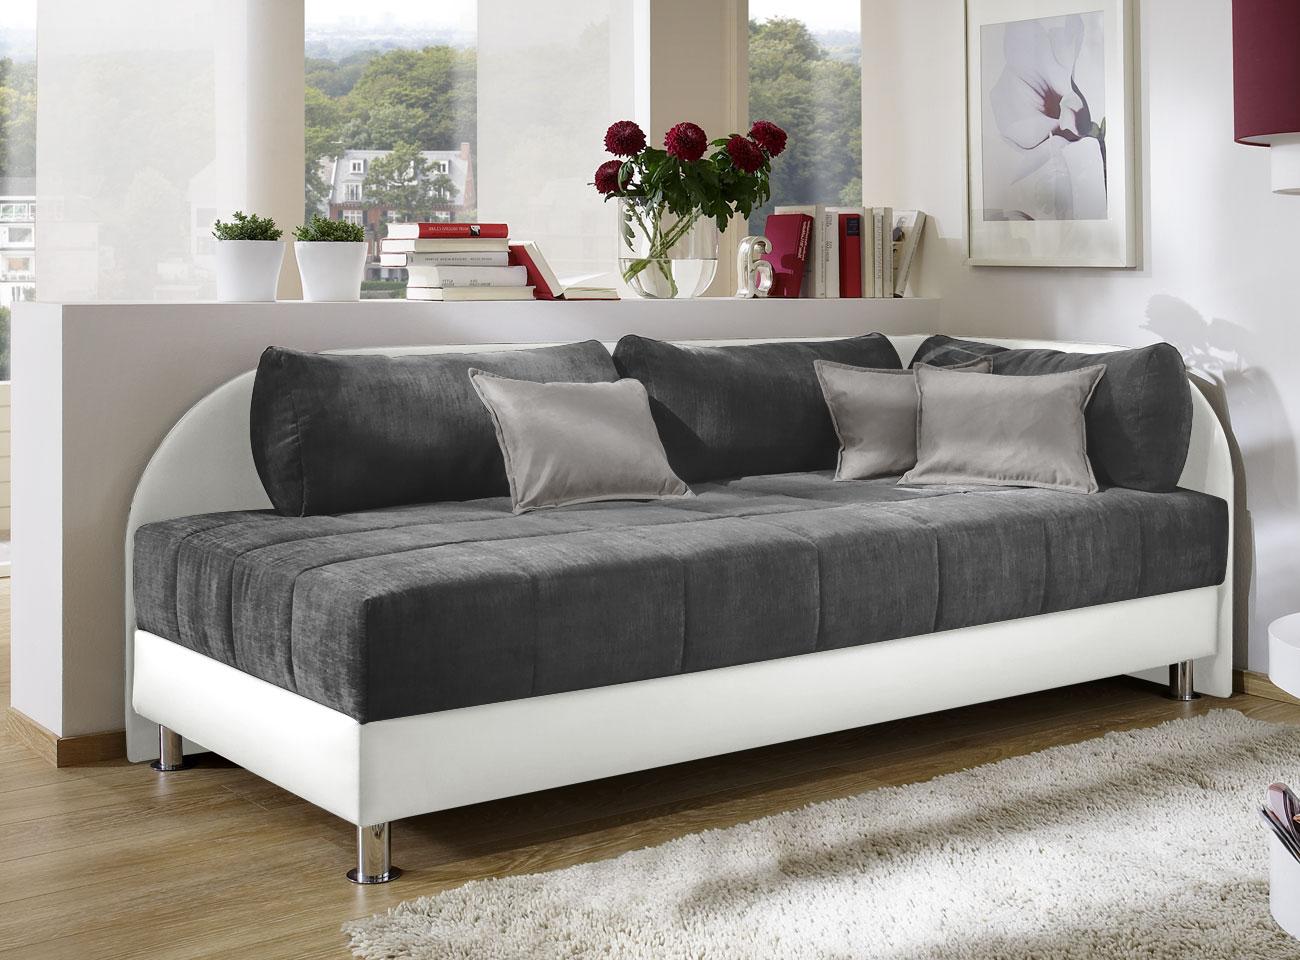 Bettsofa mit matratze und bettkasten  Studioliege Enea - Polsterliege in 90x200cm mit Bettkasten